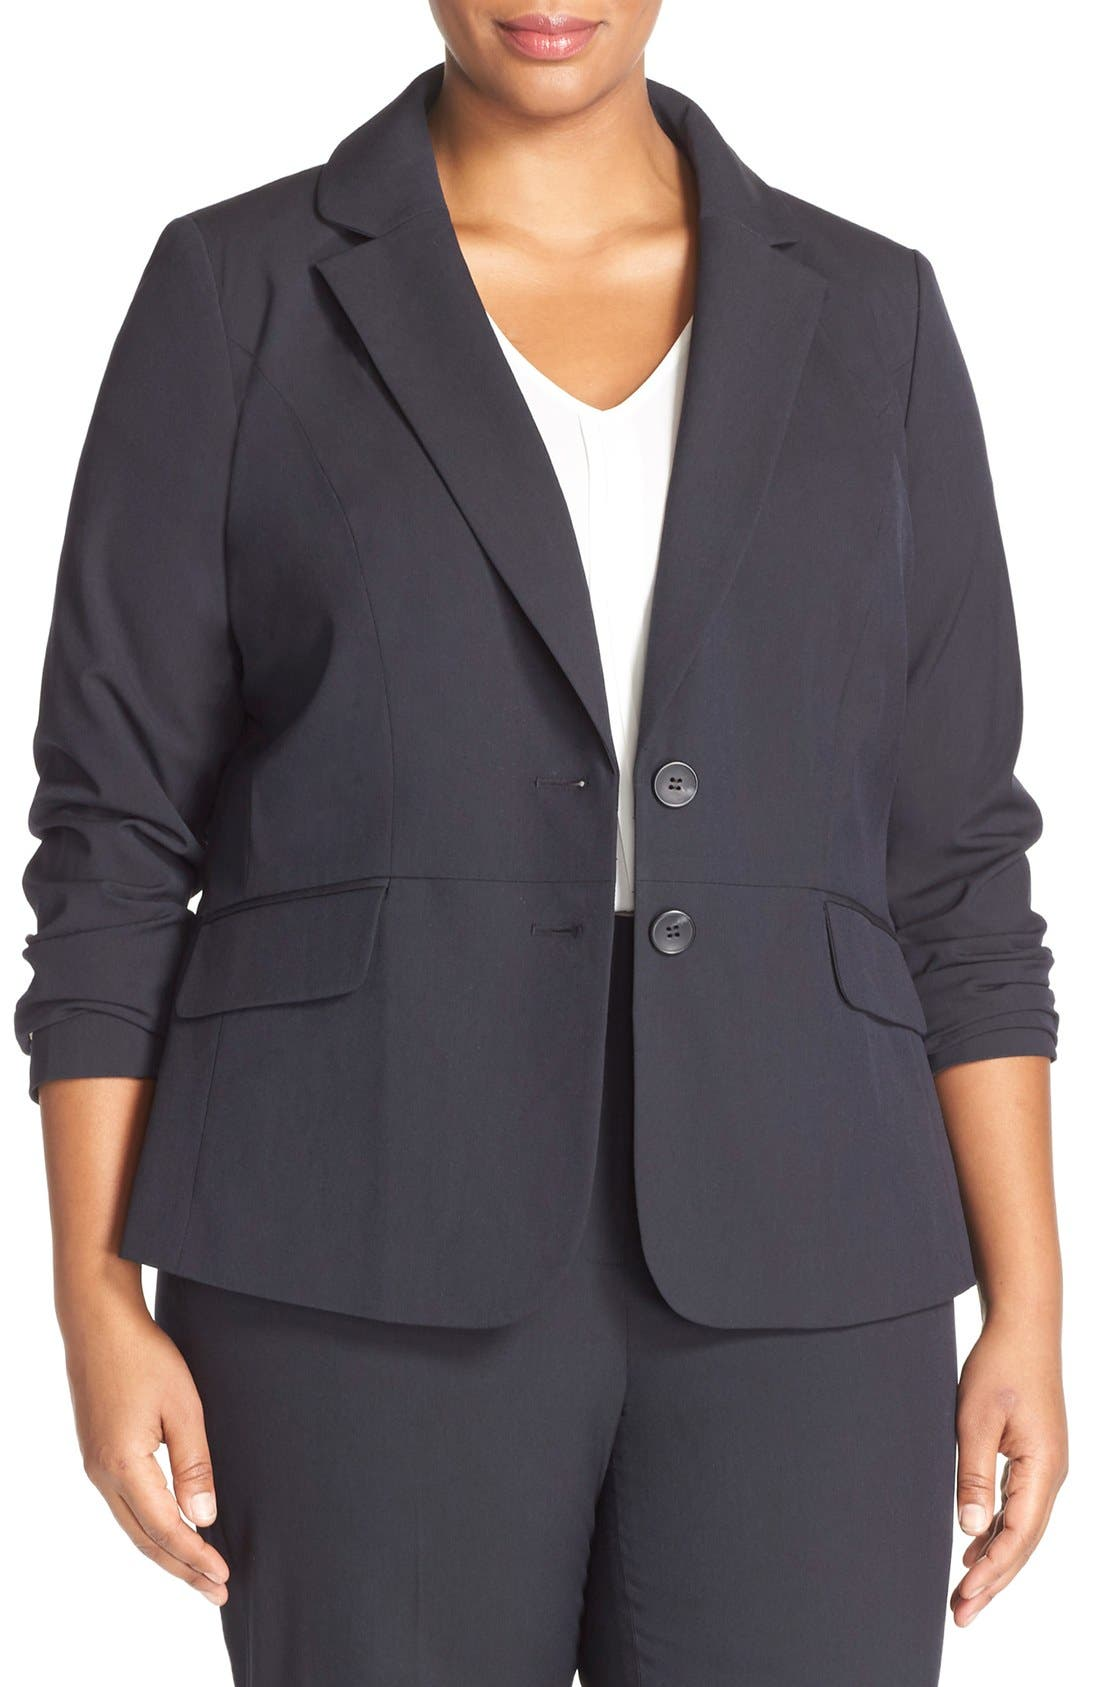 Sejour 'Ela Two-Button Stretch Suit Jacket (Plus Size & Petite Plus)